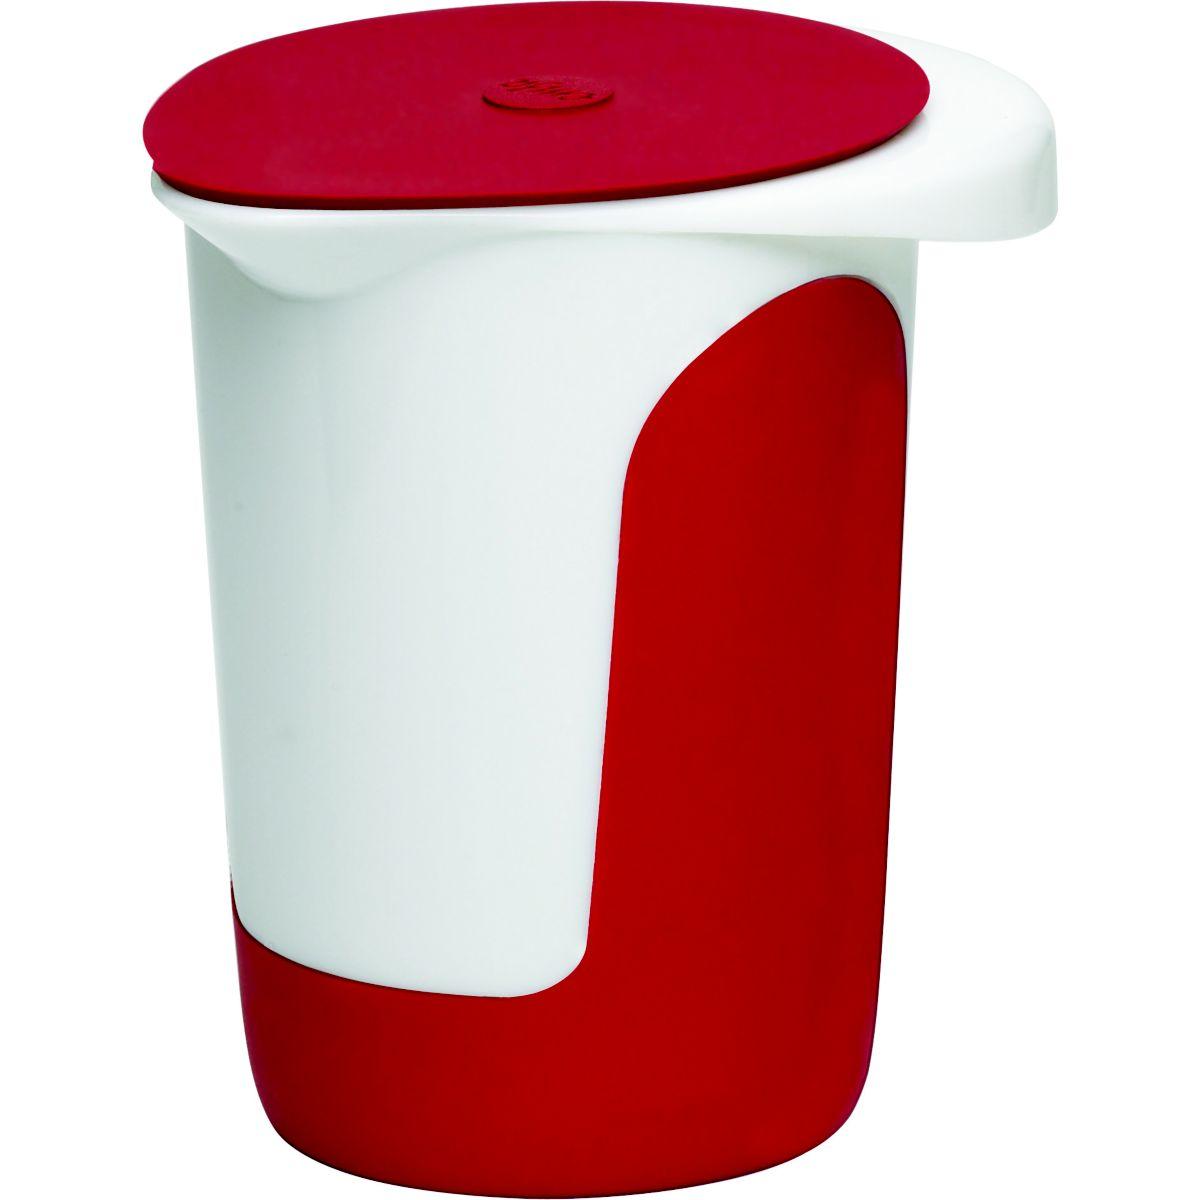 Pot emsa mix & bake avec couvercle 1l bl - 20% de remise imm�diate avec le code : paques20 (photo)